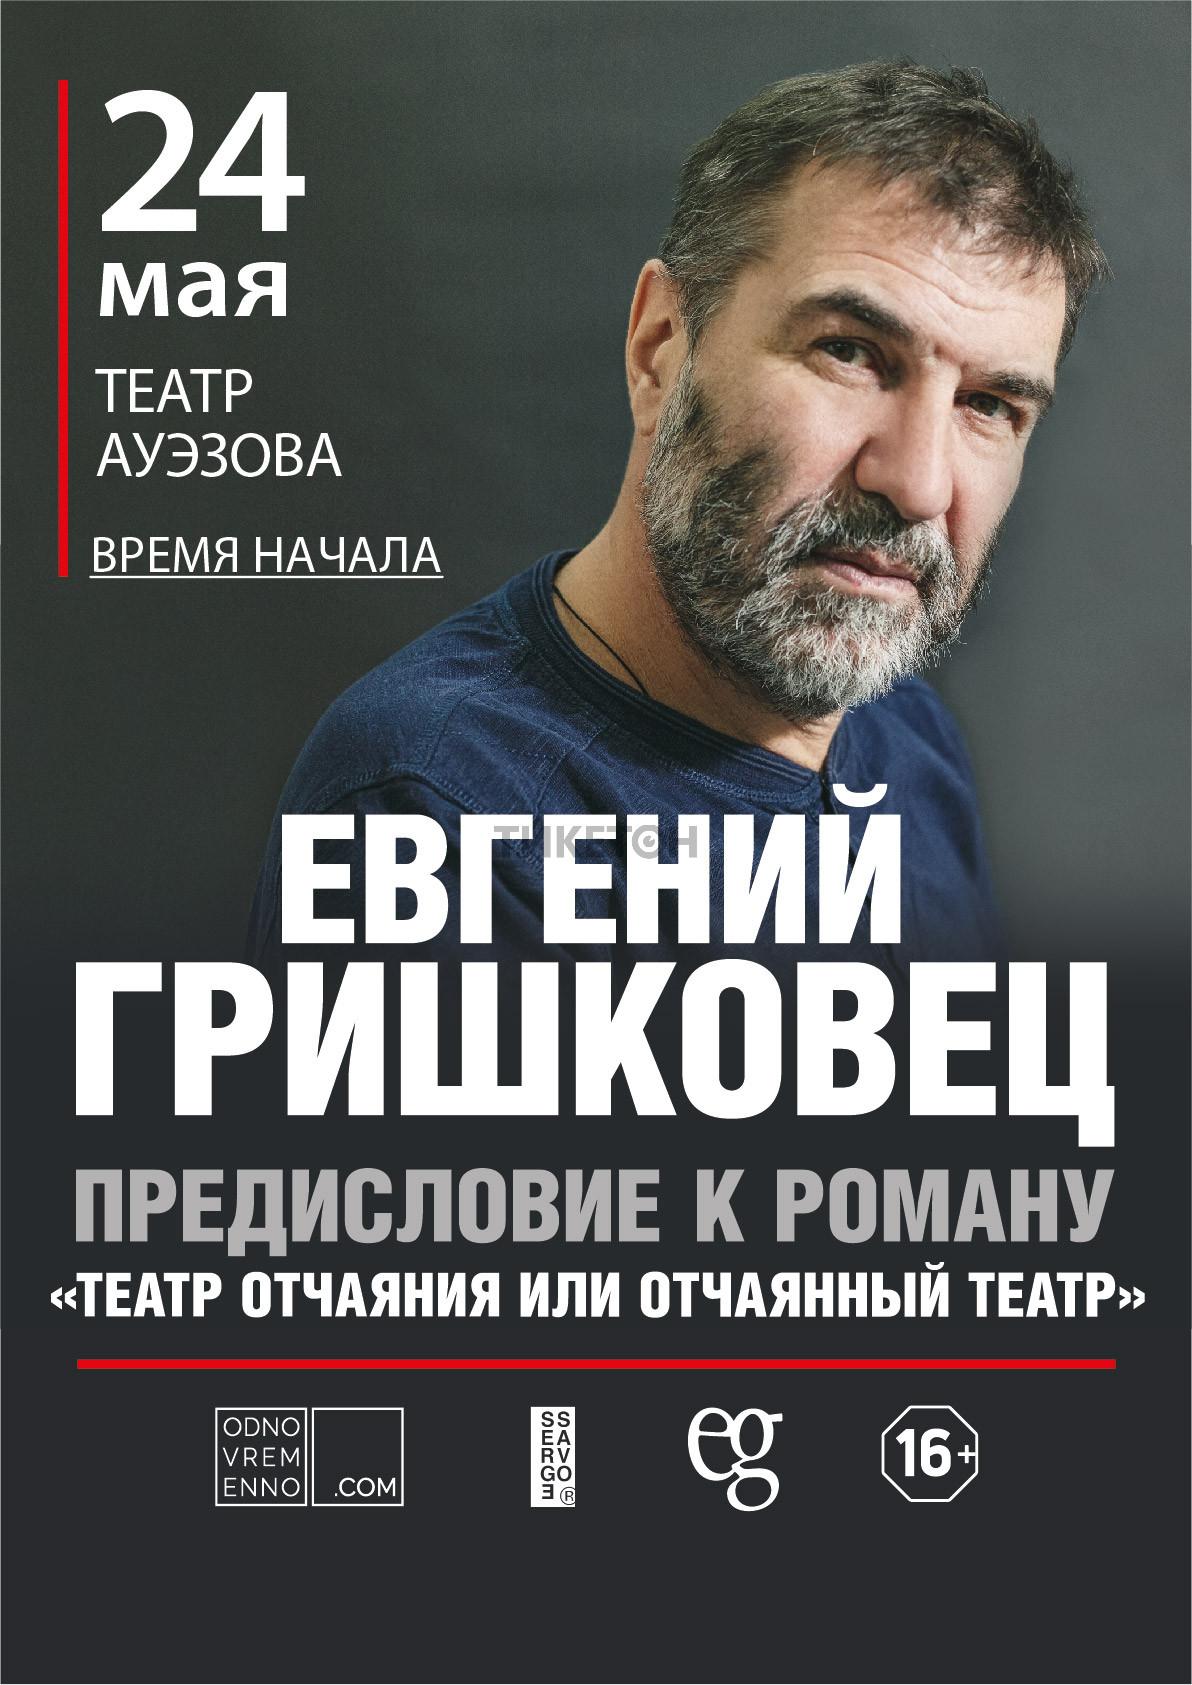 evgeniy-grishkovets-teatr-otchayaniya-ili-otchayannyy-teatr